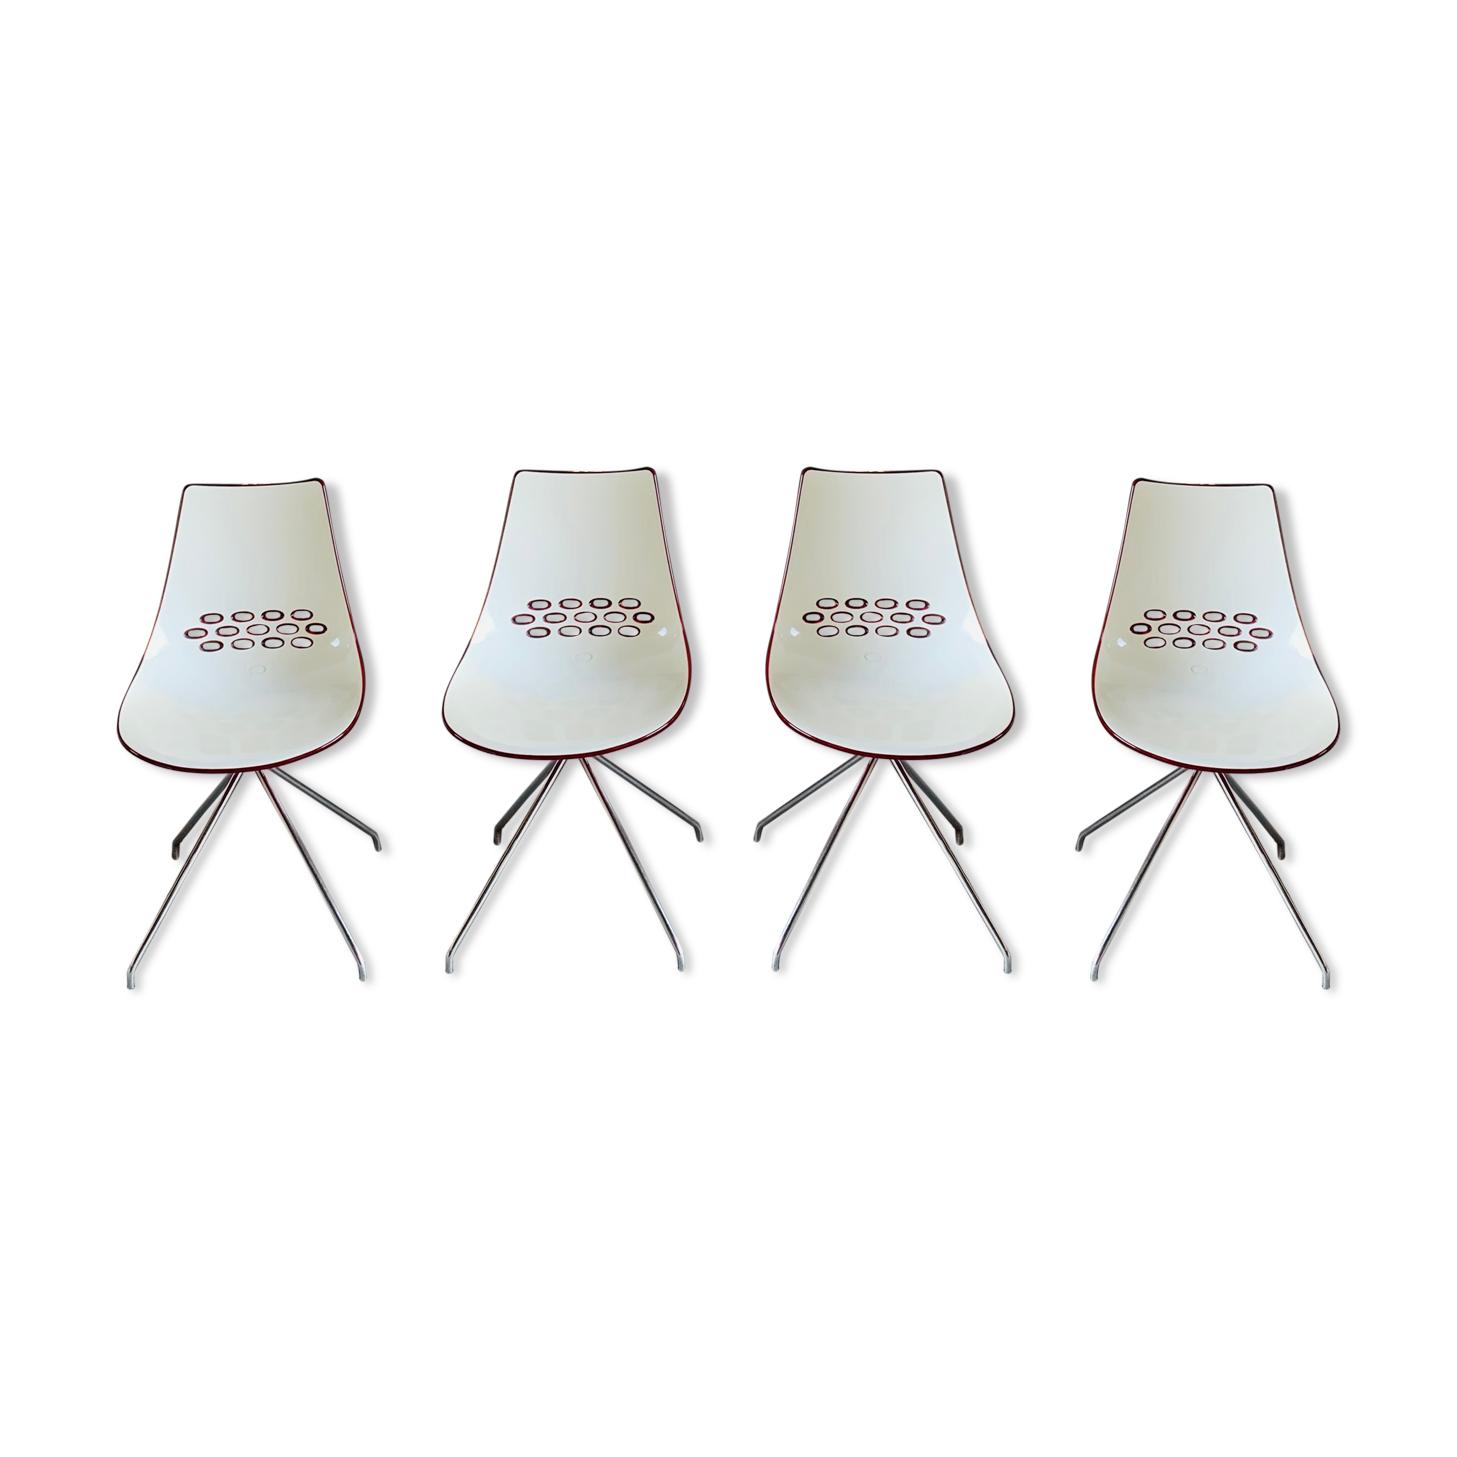 4 chaises Jam d'Archirivolto pour Calligaris - 2000